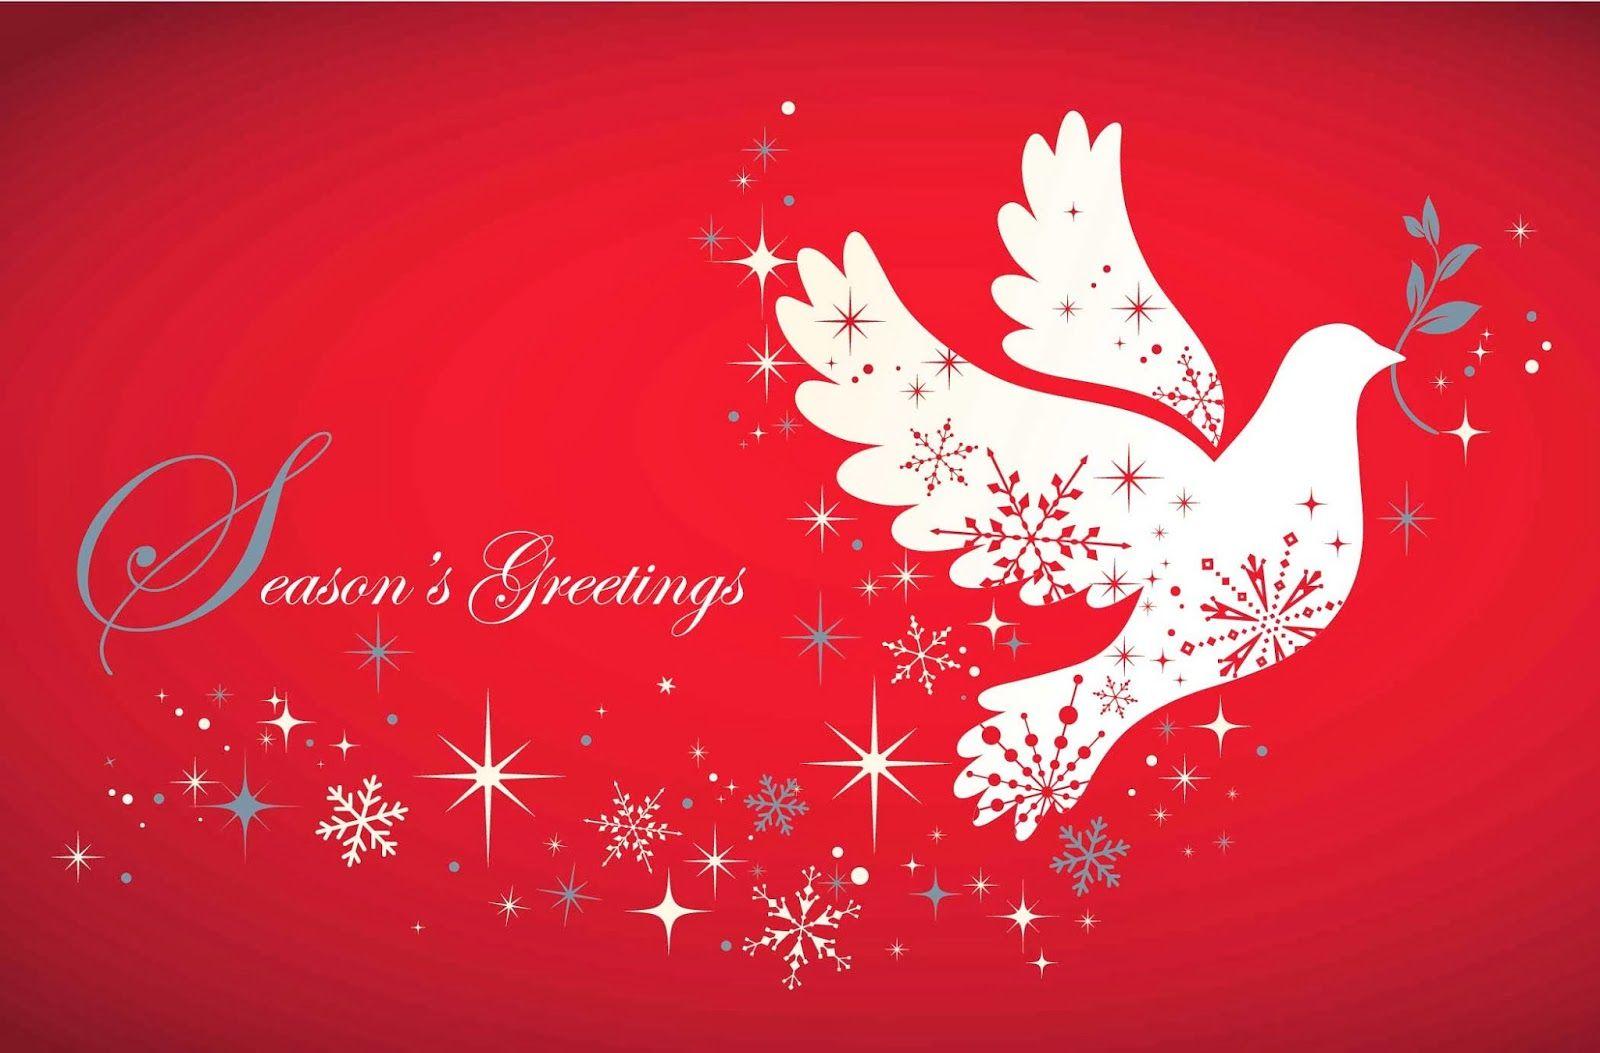 Christmas Cards Christmas Cards Ideas Christmas Cards Designs